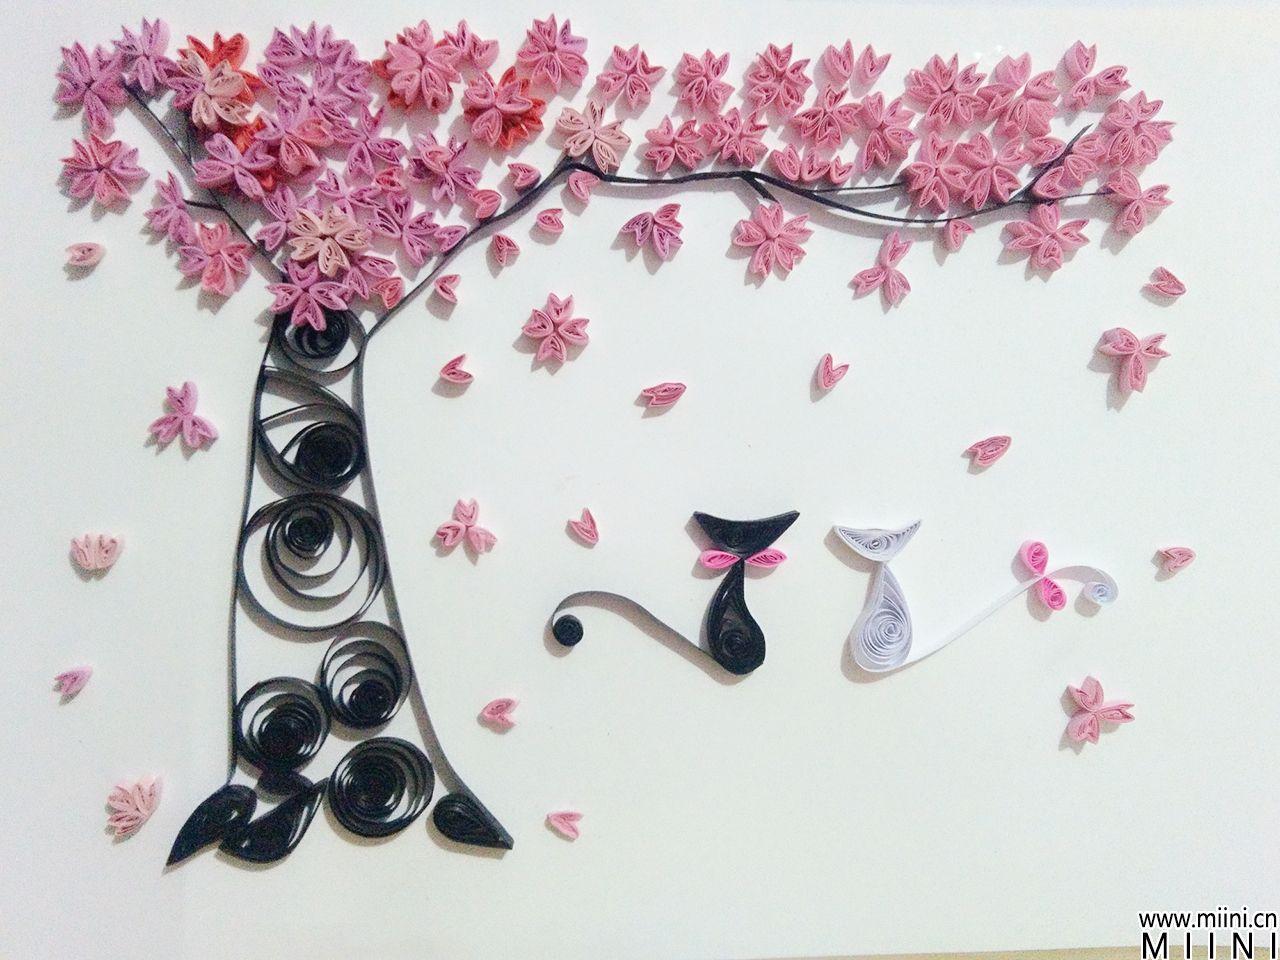 手工衍纸教程 樱花树衍纸步骤图解